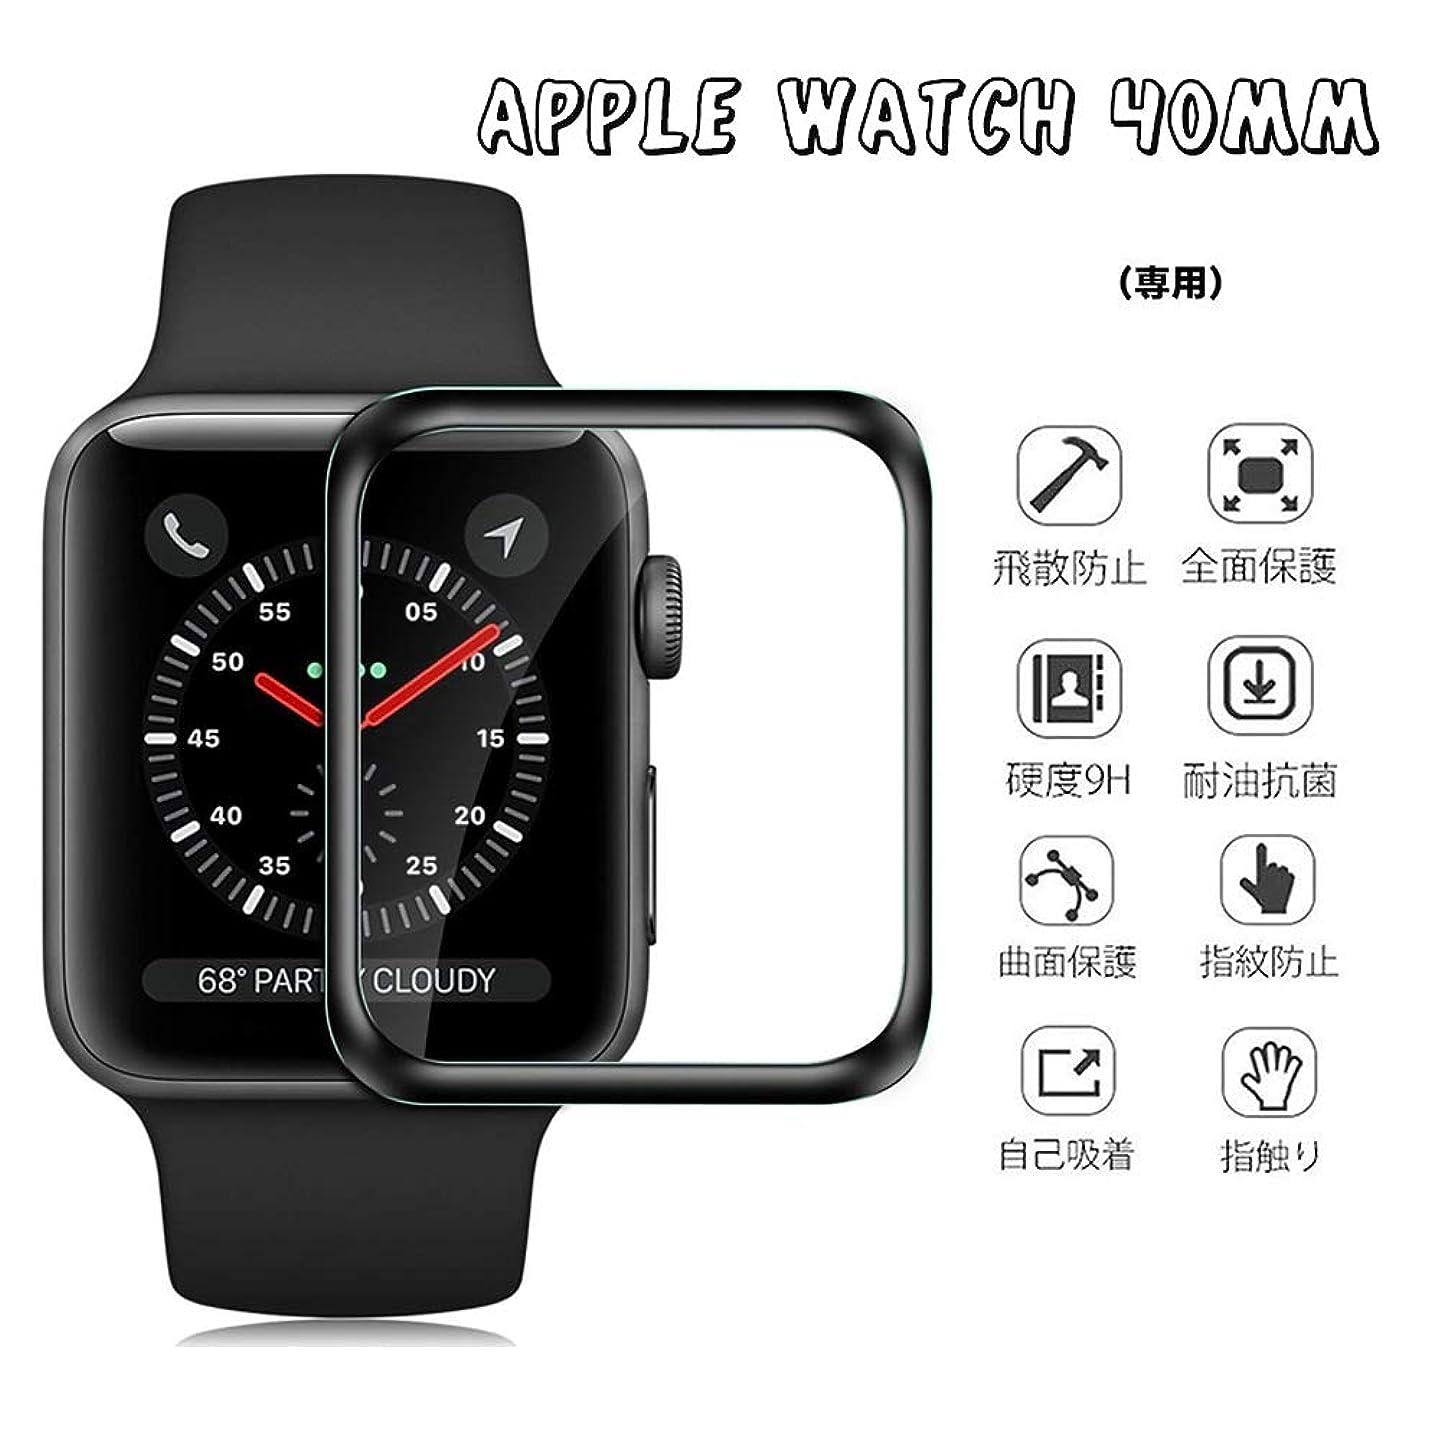 シルエットきらめく革命的Apple Watch 40mm フィルム 3D全面保護 Apple Watch Series 4 フィルム 硬度9H 気泡レス 高透過率 アップルウォッチ 4 保護 フィルム Apple Watch Series 4 40mm ガラスフィルム